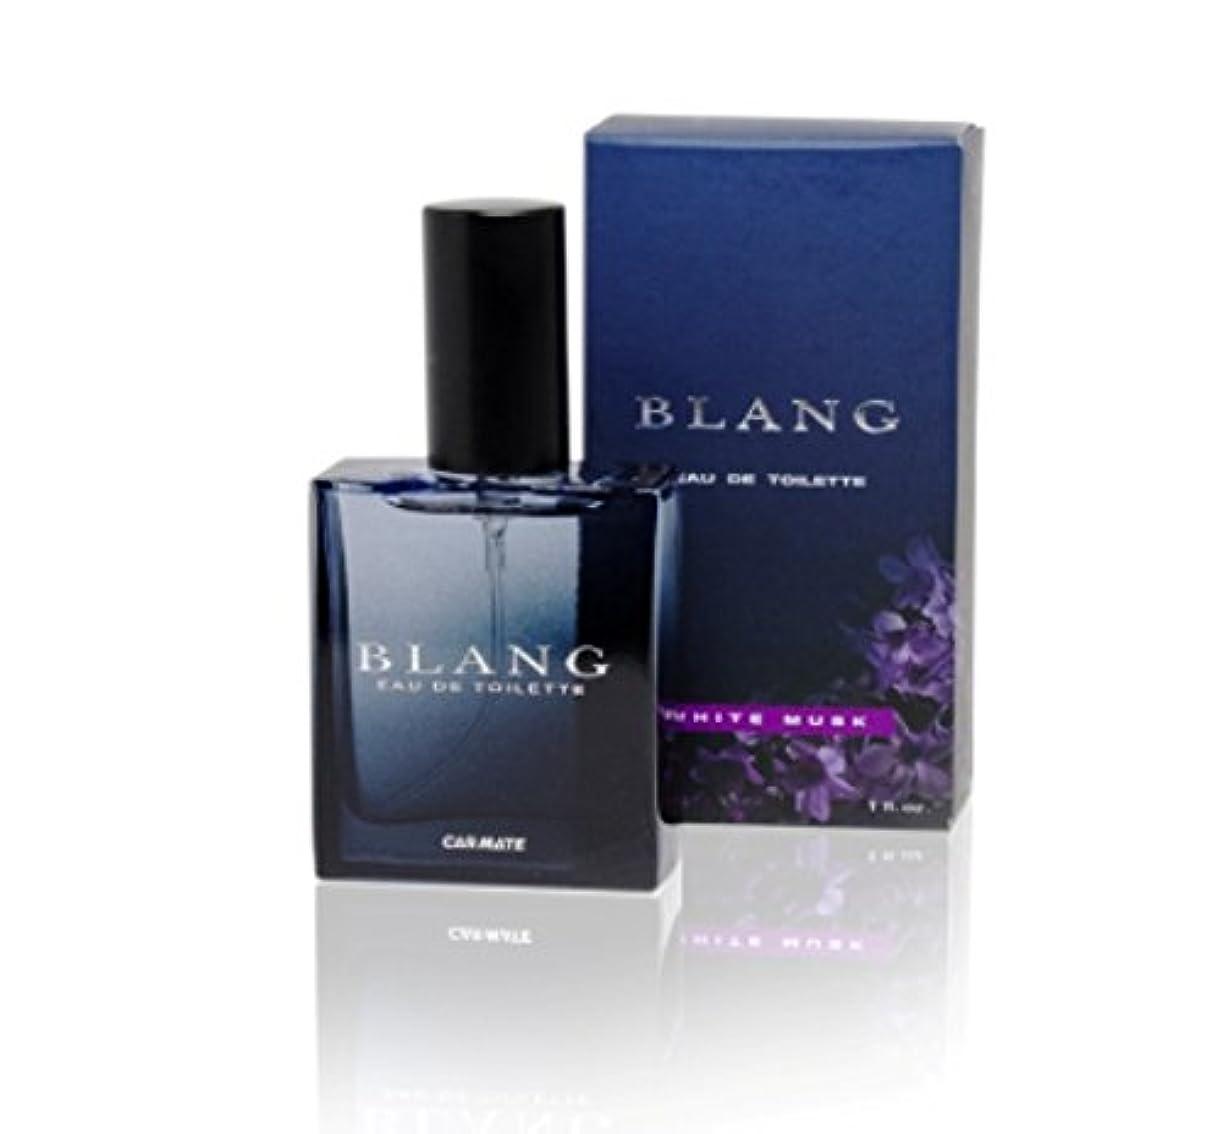 意欲内部自慢カーメイト 香水 芳香剤 ブラング オードトワレ 置き型 ホワイトムスク 販売ルート限定品 30ml L531